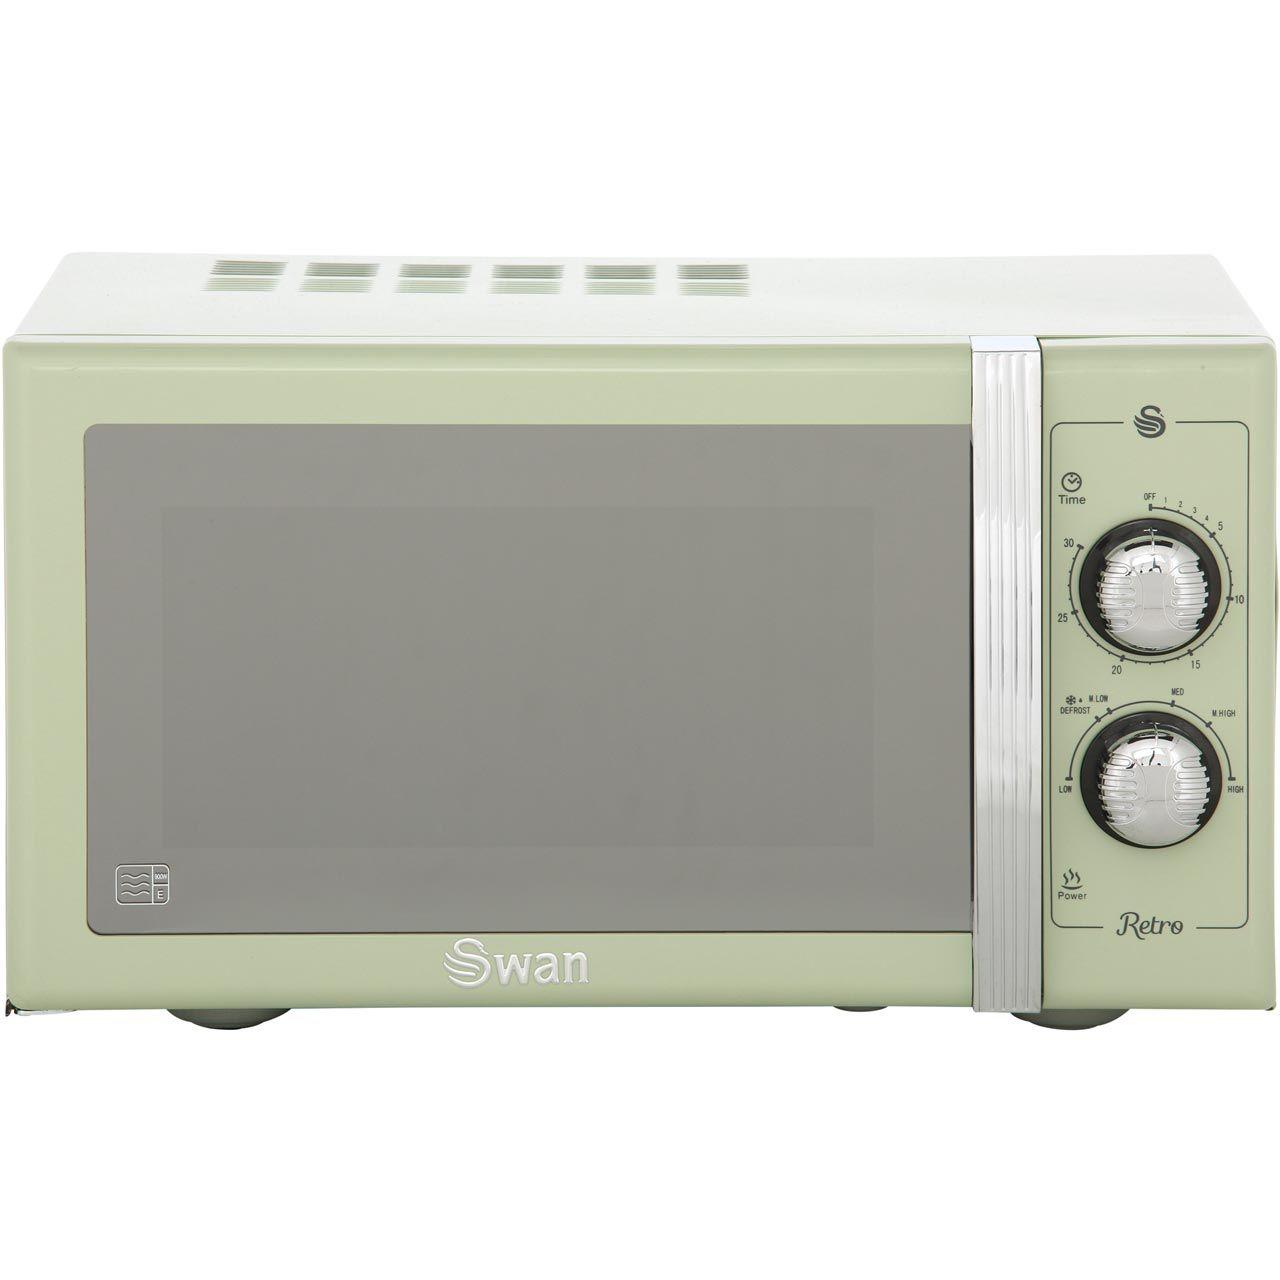 Sm22070gn Gr Swan Microwave Oven 25 Litre